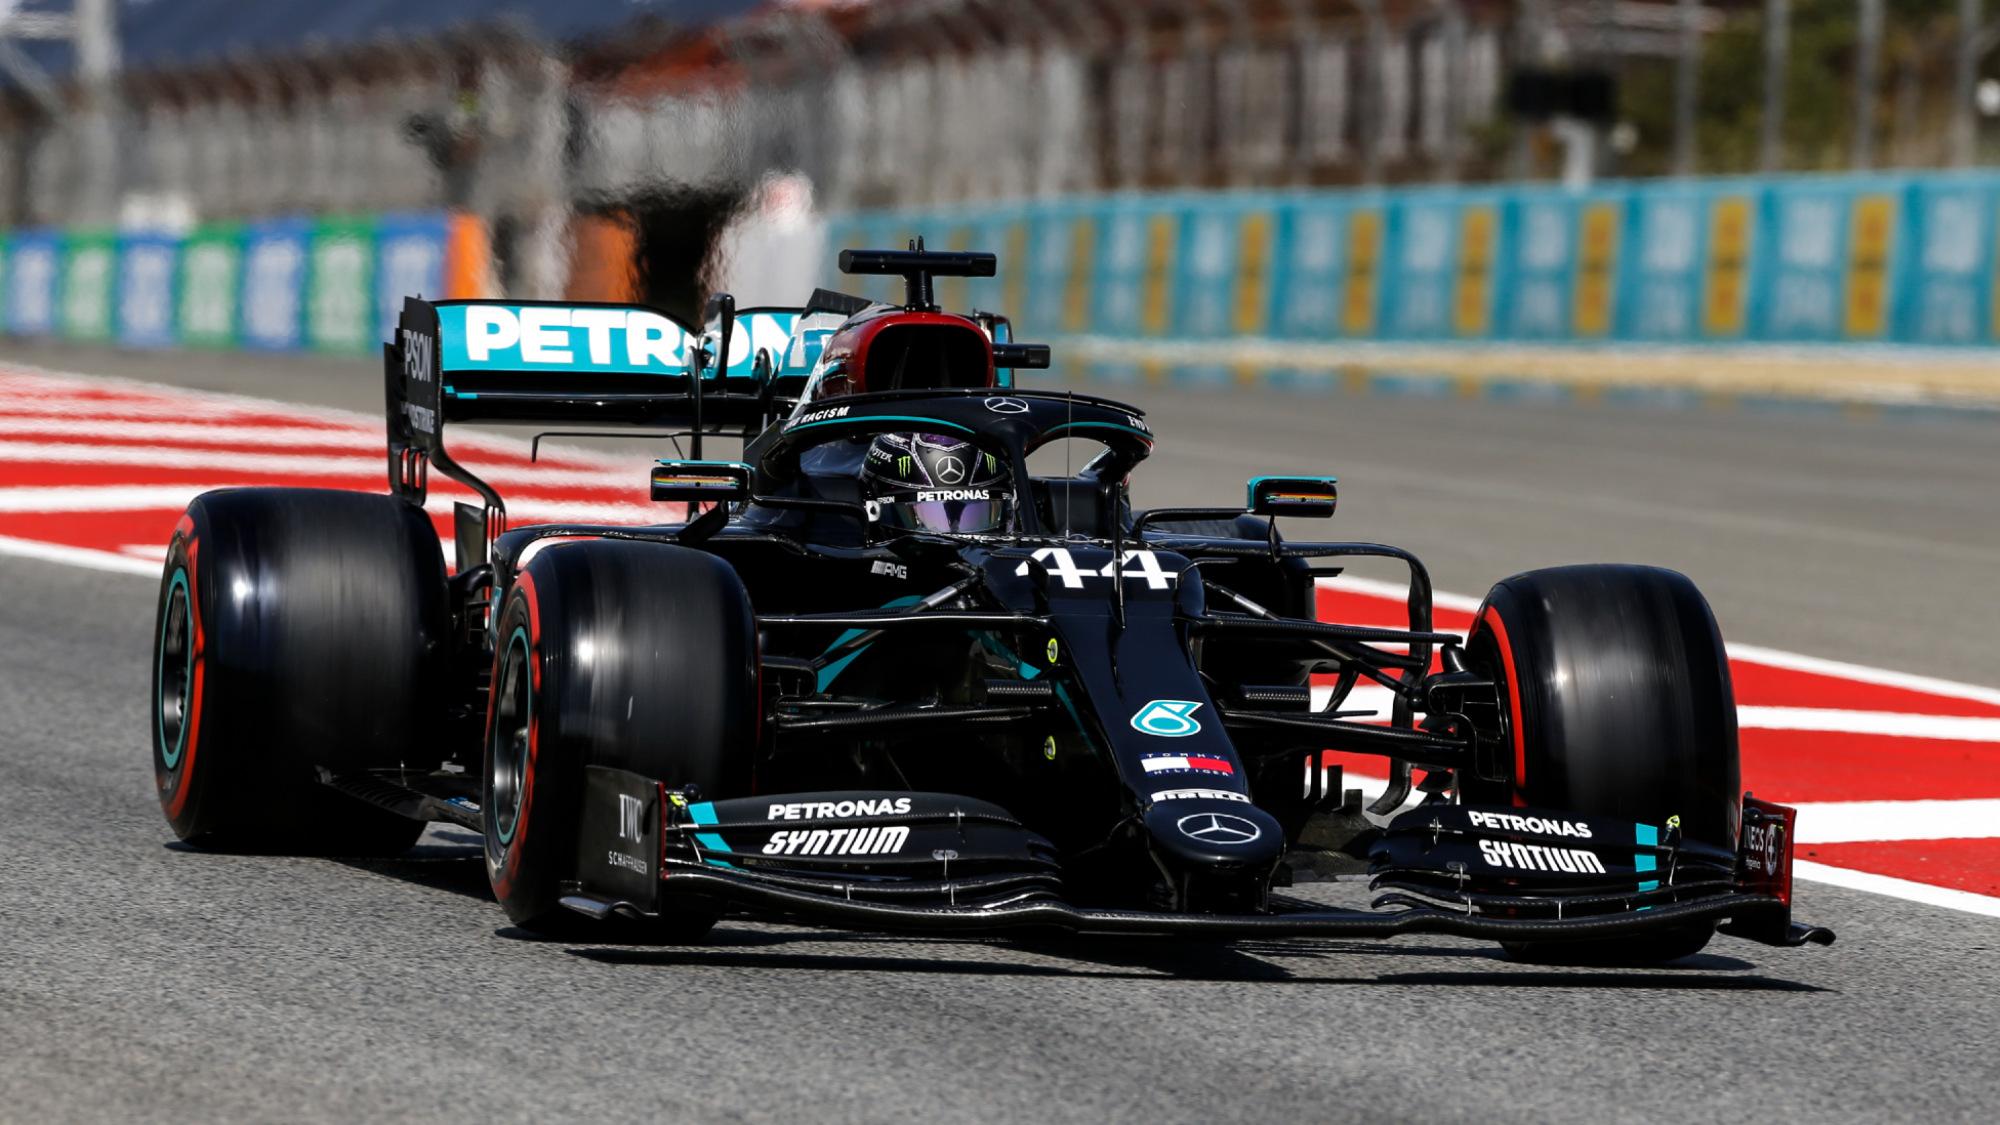 Lewis Hamilton, 2020 Spanish Grand Prix